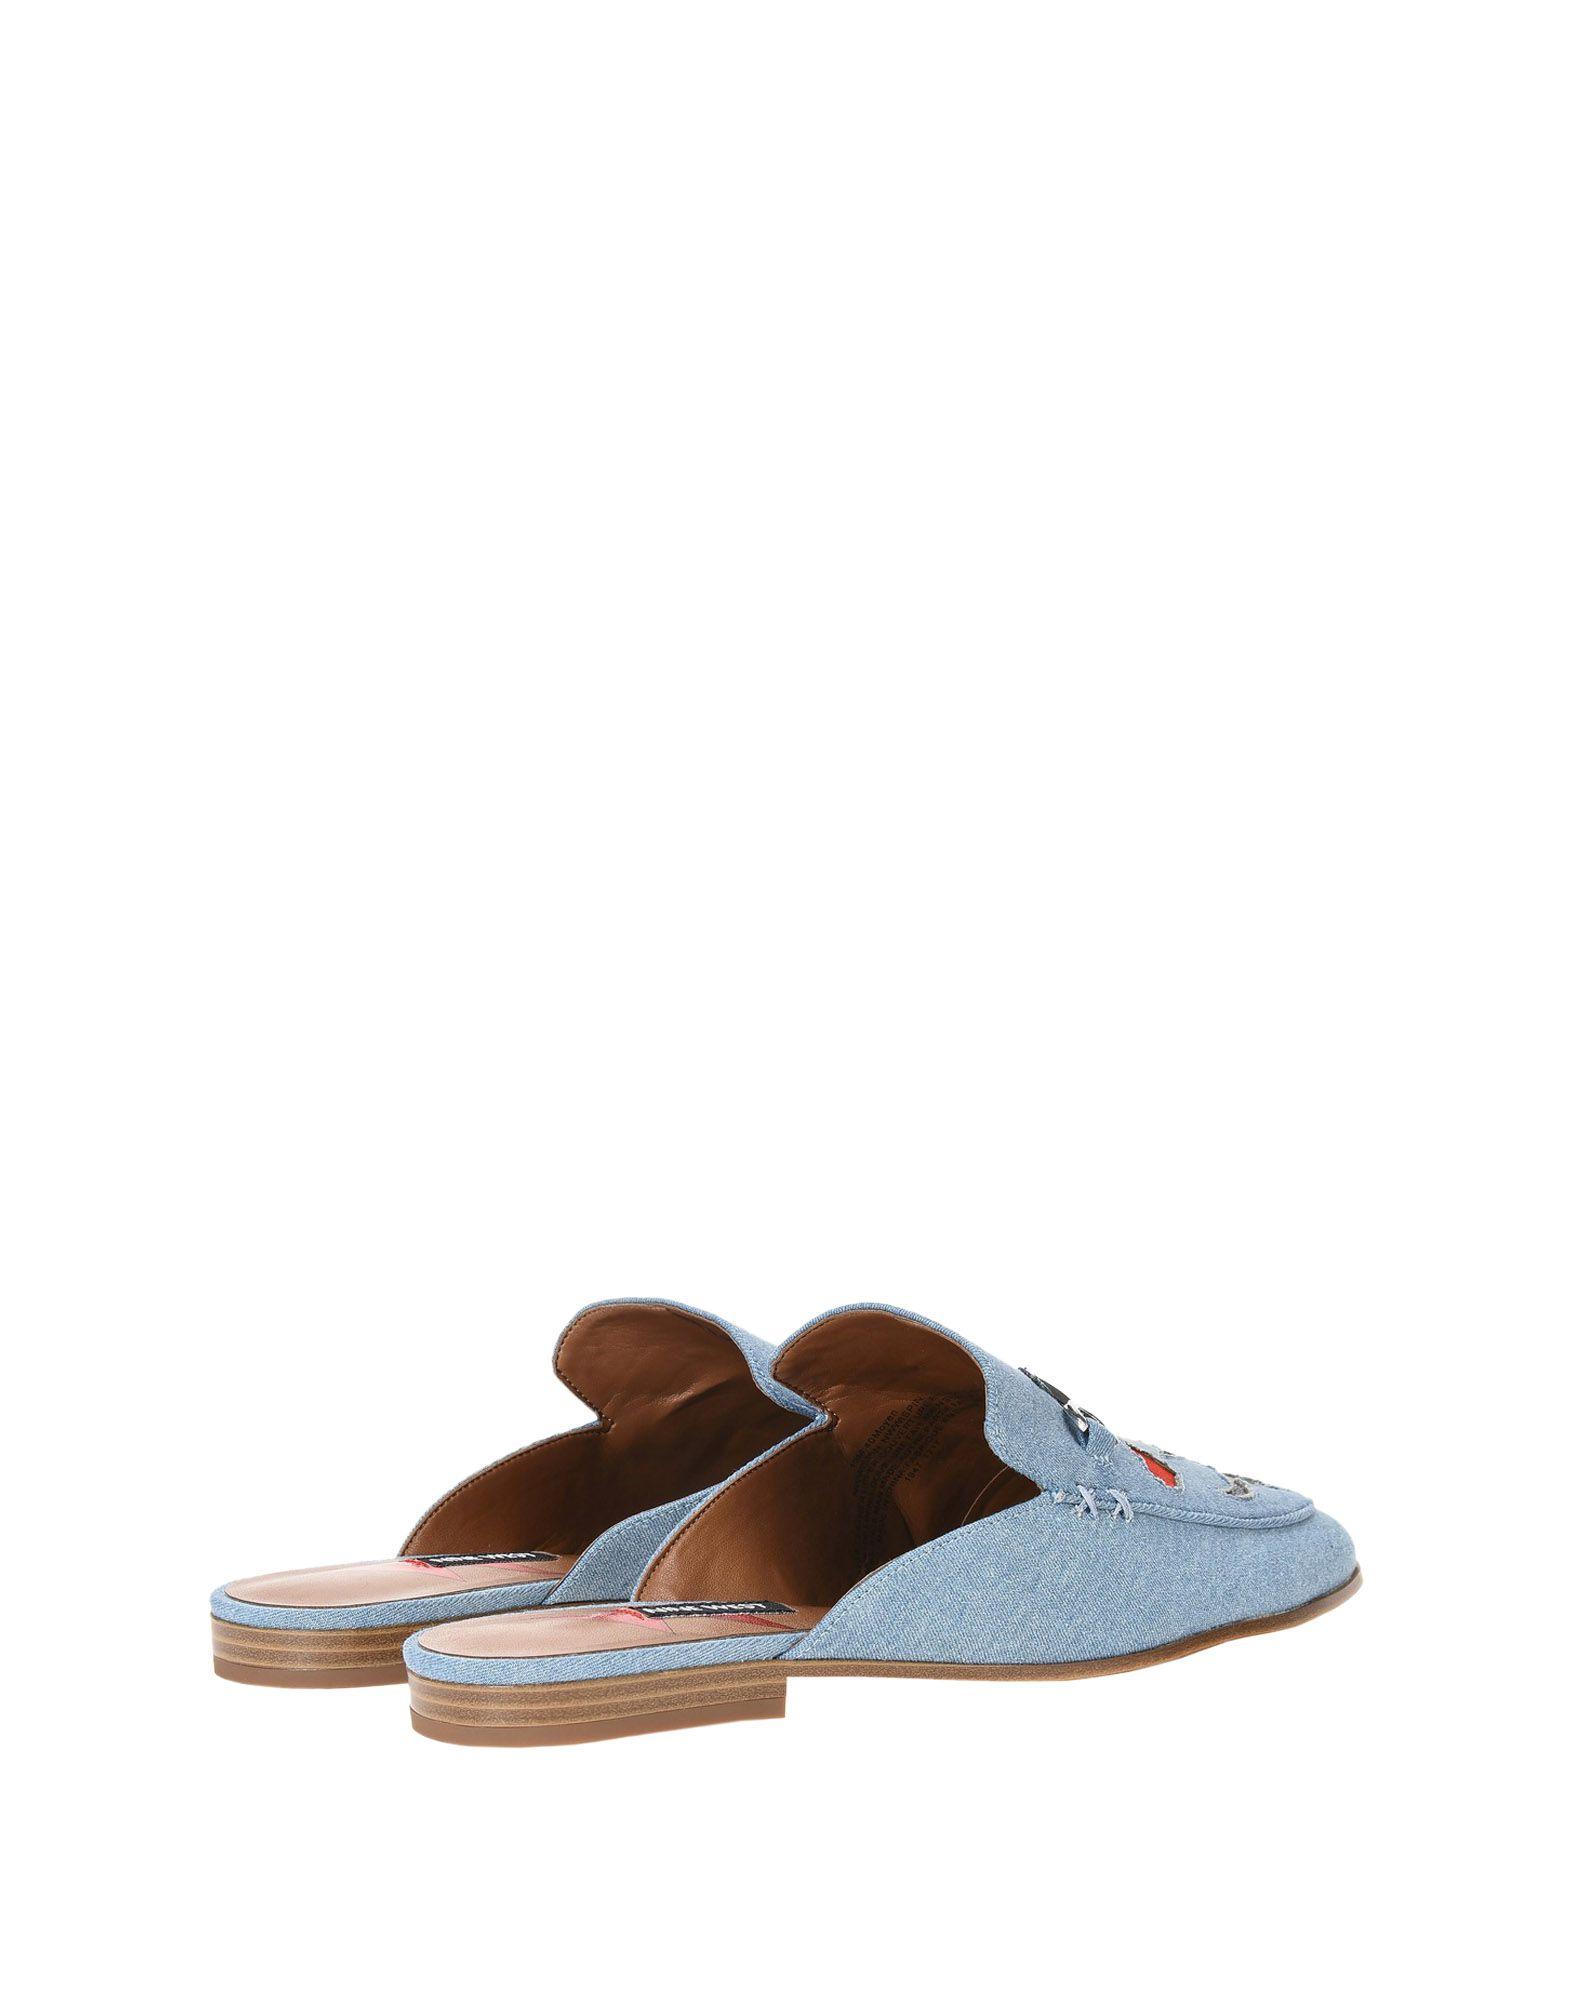 Nine West Wispin7  beliebte 11484286QT Gute Qualität beliebte  Schuhe 262198